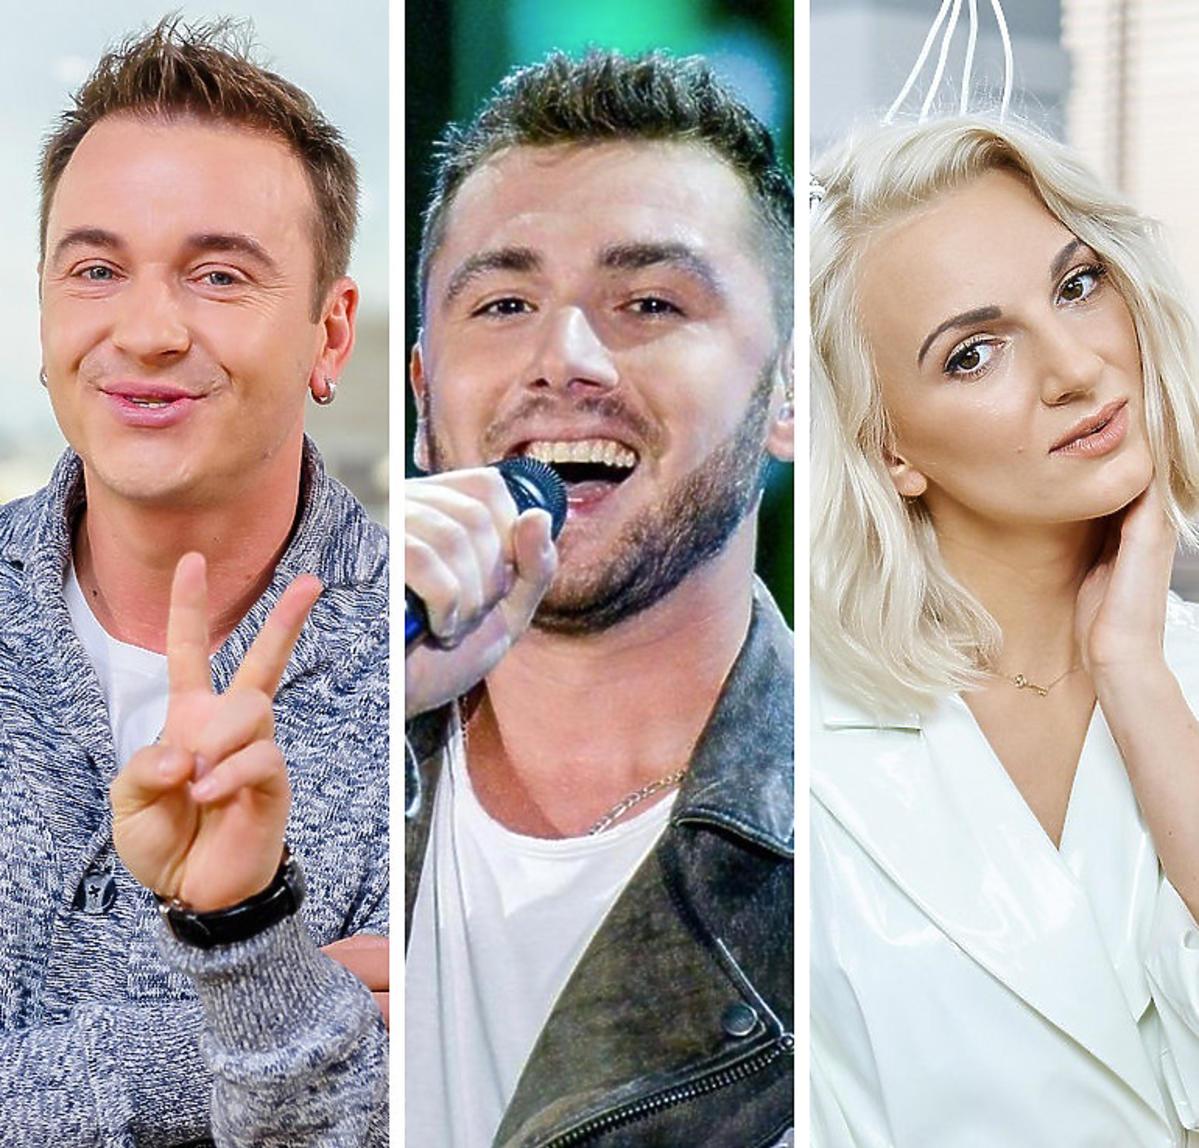 Polskie gwiazdy dostaną miliony od państwa za koronawirusa! Bednarek dostanie pół miliona, inni jeszcze więcej. Mamy listę i kwoty!